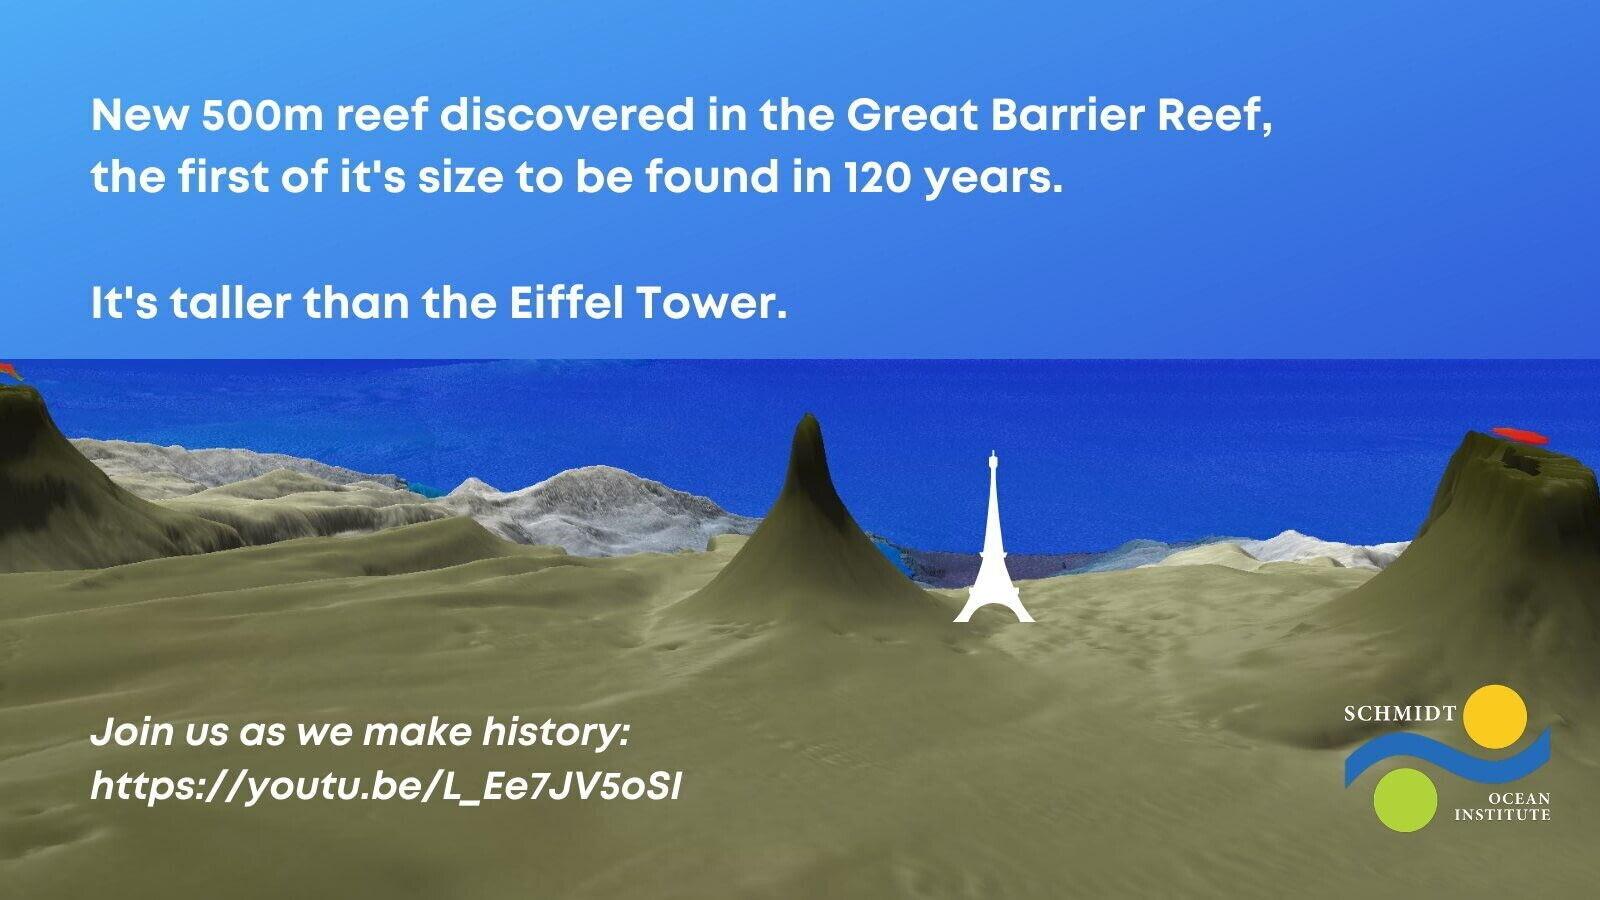 Найденный риф выше Эйфелевой башни в Париже